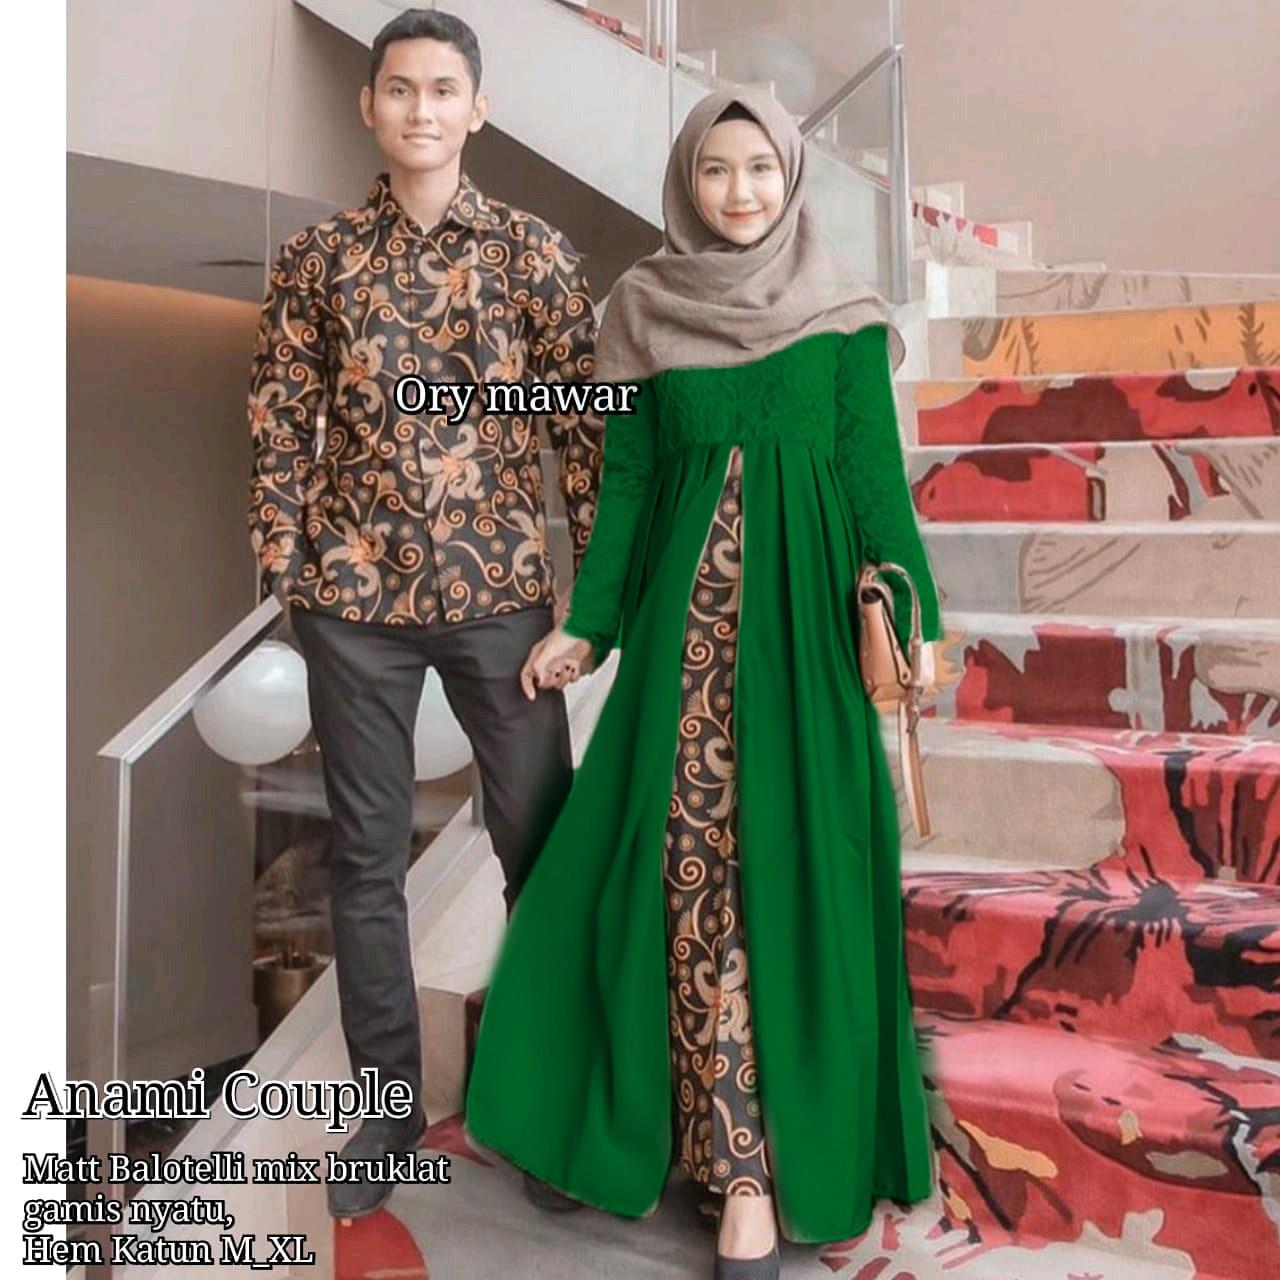 Termurah - batik couple couple batik baju muslim wanita terbaru 2018 batik  murah batik sarimbit baju batik couple modern batik kondangan batik  keluarga ... 2943f5bad3